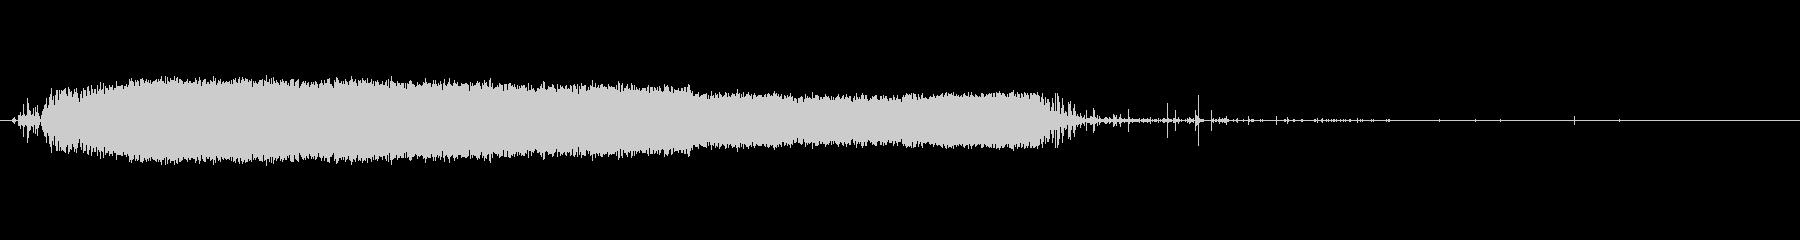 フライパンでフライパン:ホットスキ...の未再生の波形